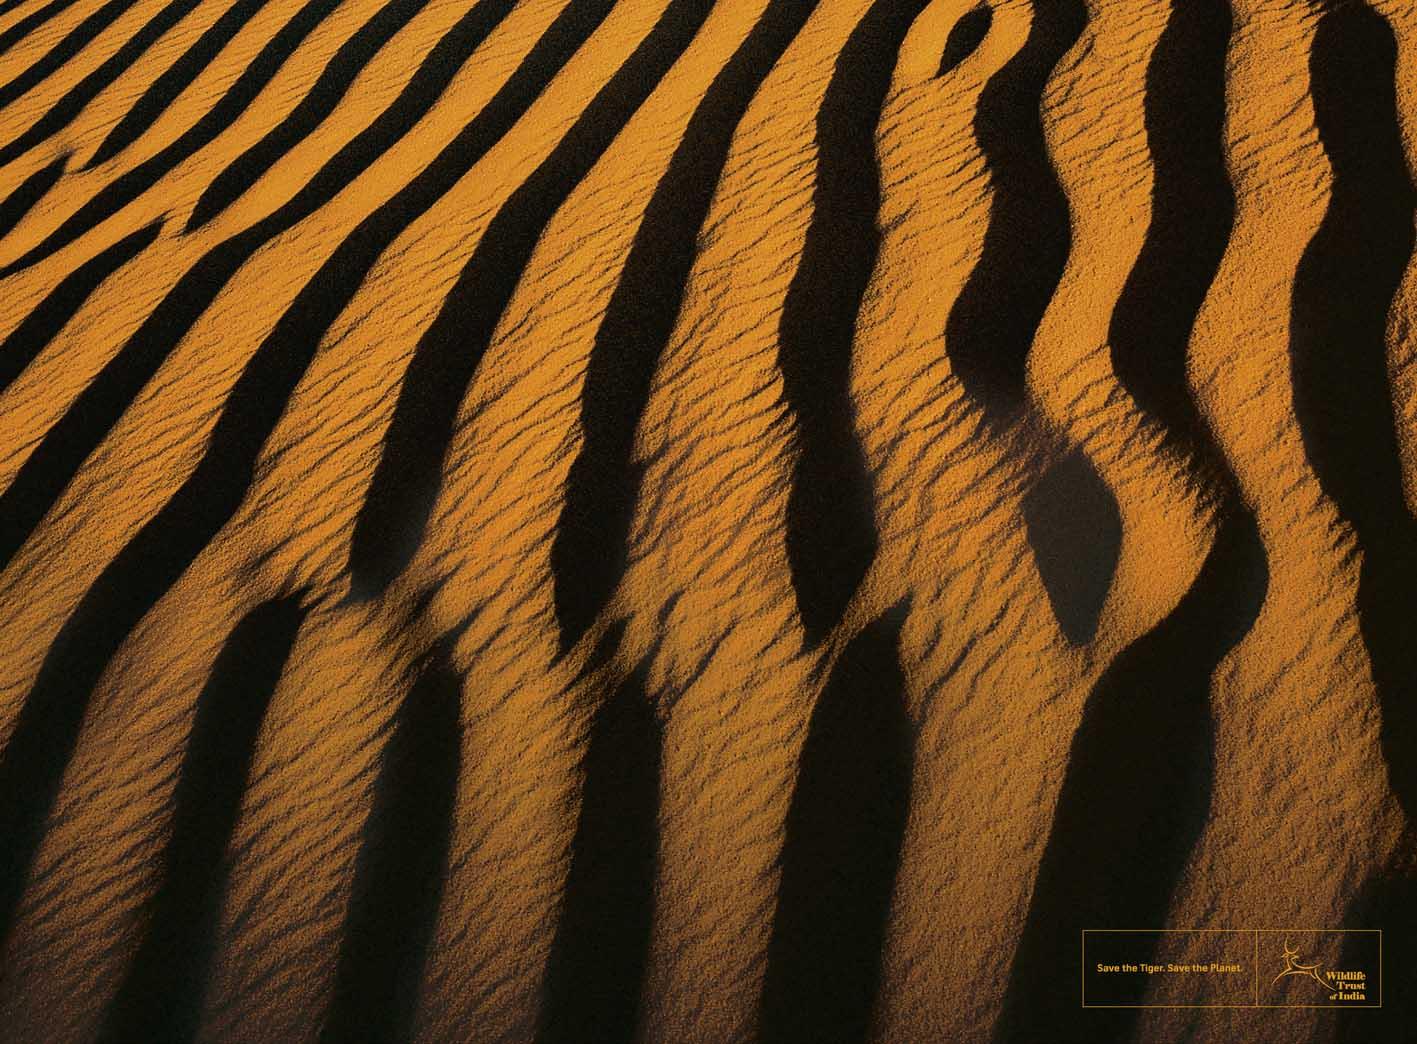 текстура, шкура тигра, полоски тигра, тигр, фото скачать обои